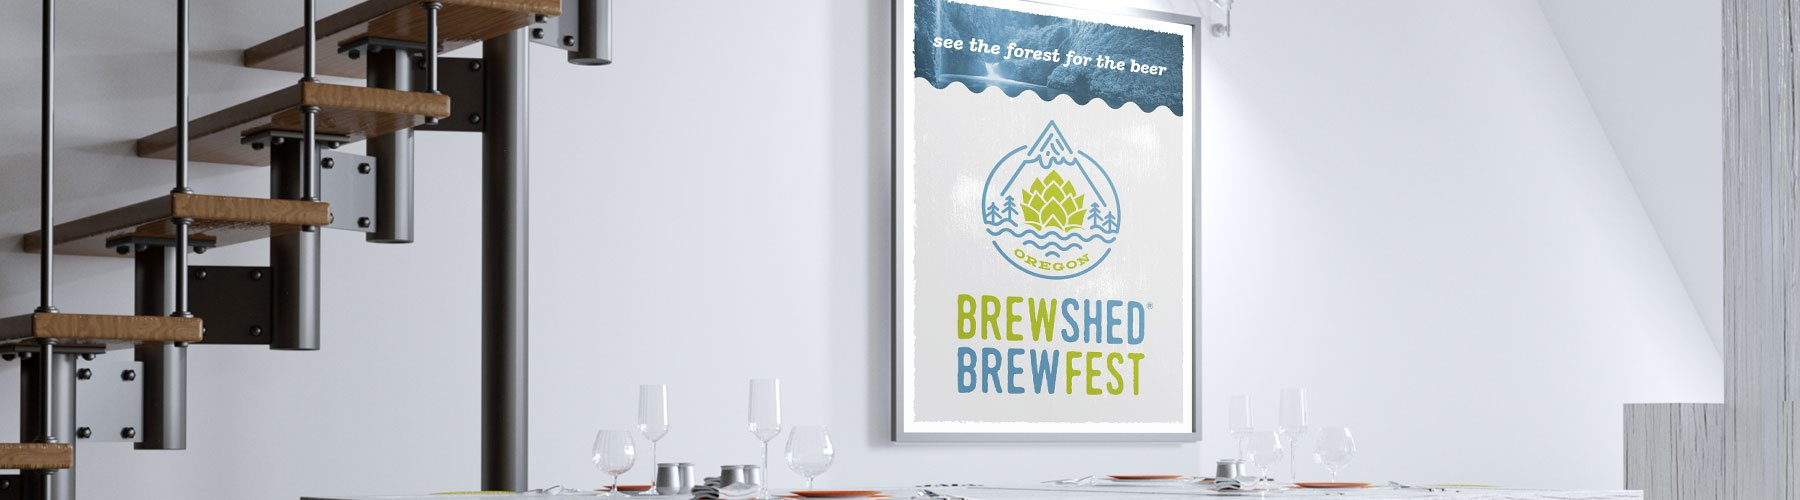 Brewshed Brewfest Poster